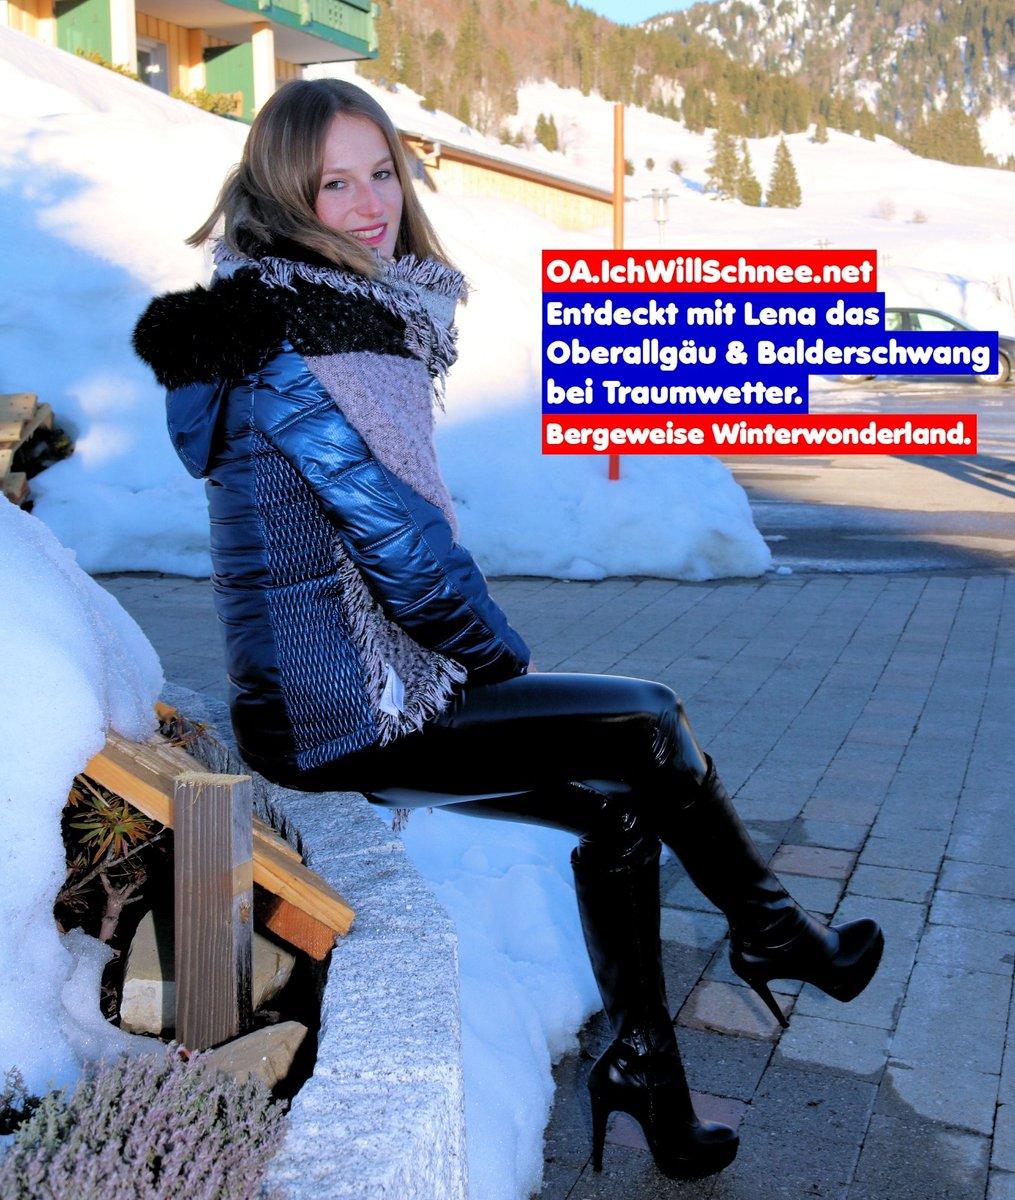 Kommt mit mir nach Balderschwang ins Oberallgäu und schaut auf dem Youtubekanal IchWillMehr TV was es dort alles zu sehen gibt :)  Küsschen Lena (LA)  @oberallgaeu #ShinyLena #IchWillSchnee #Winterwonderland #schnee #winter #lackleggings #skifahren #killtech #balderschwangpic.twitter.com/fniBKoDOxn